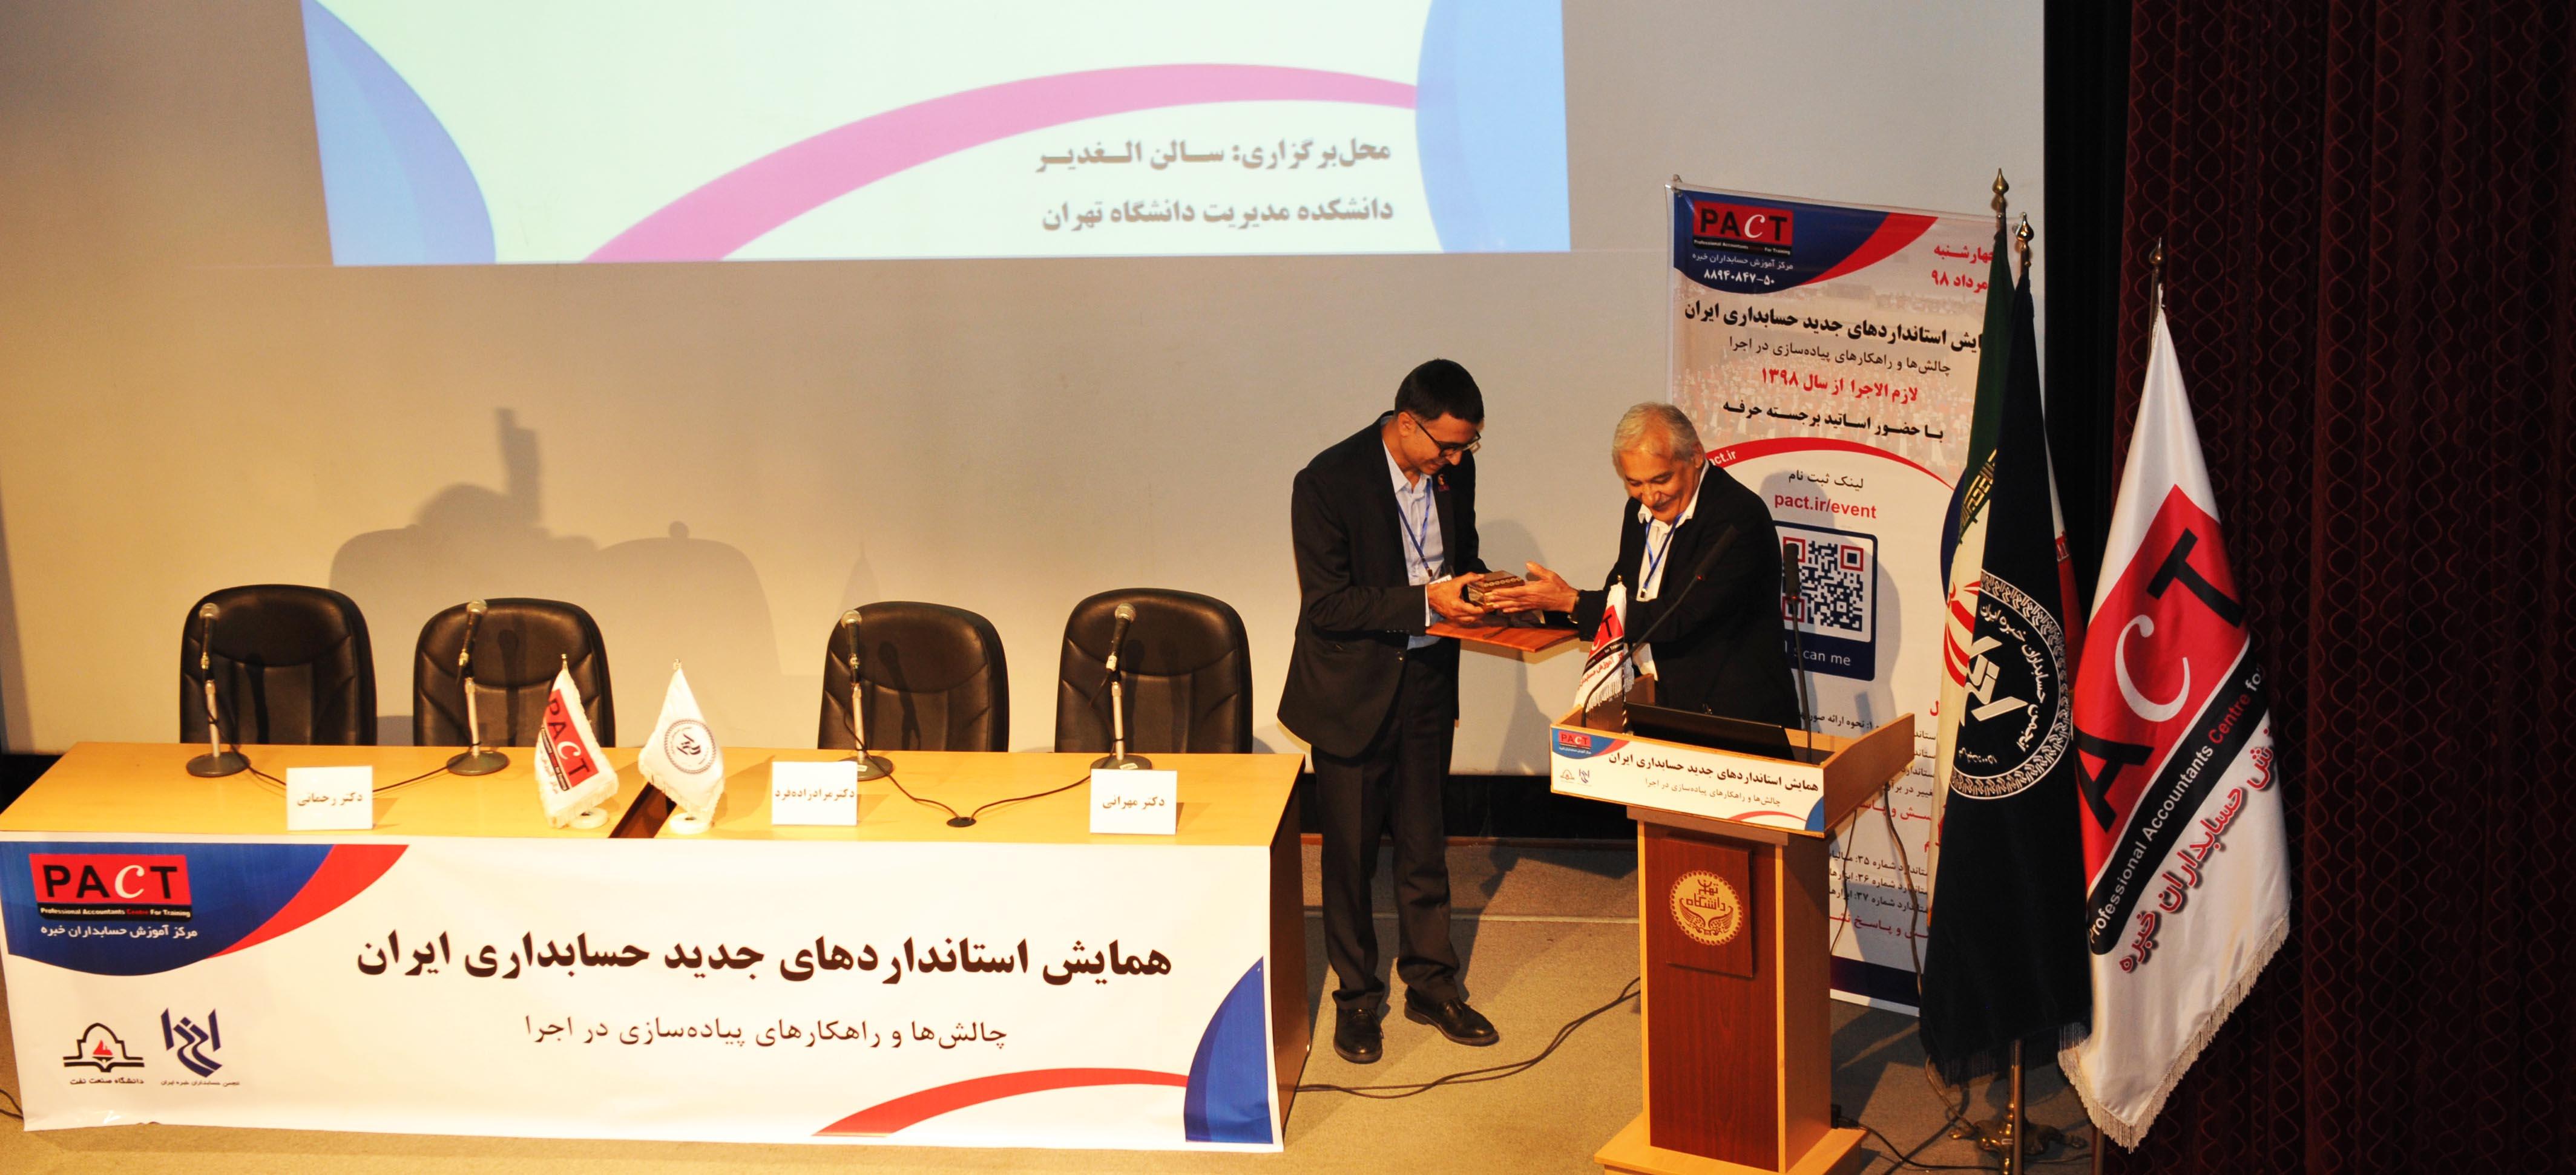 قدردانی از دکتر ابراهیم نوروزبیگی، مدیر اجرایی سابق مرکز آموزش حسابداران خبره